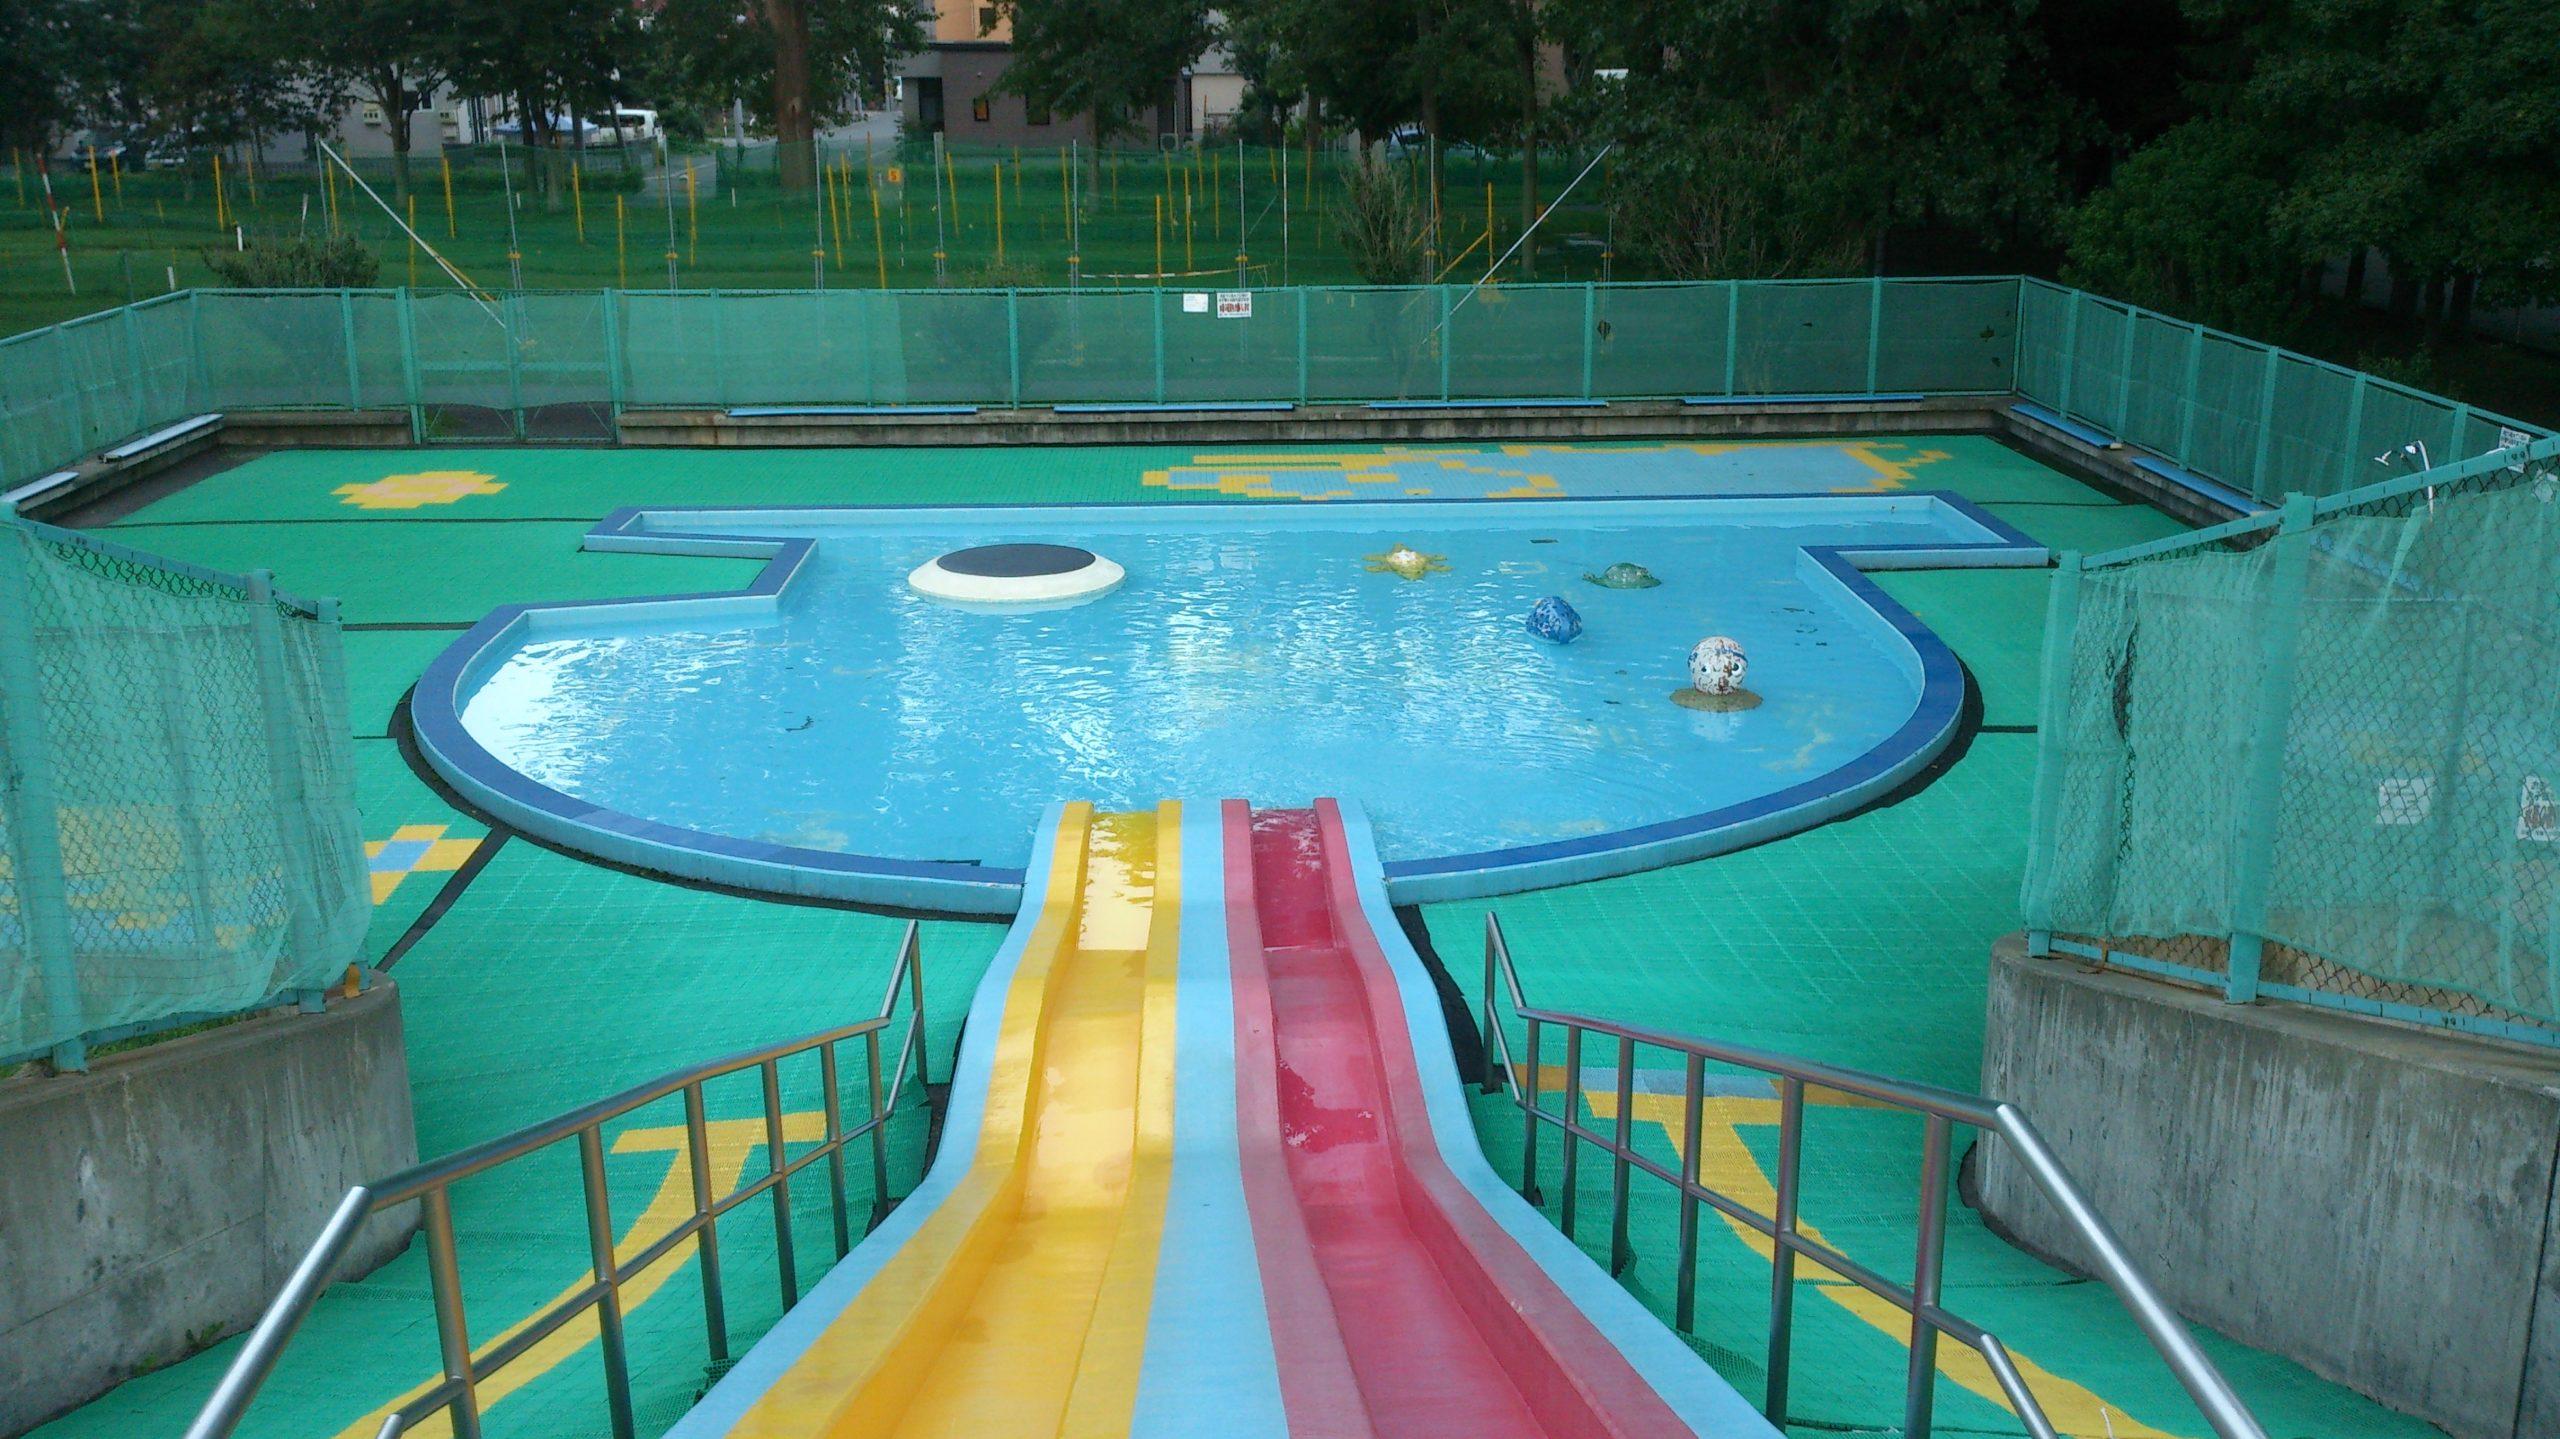 札幌市内のウォータースライダーがある公園一覧